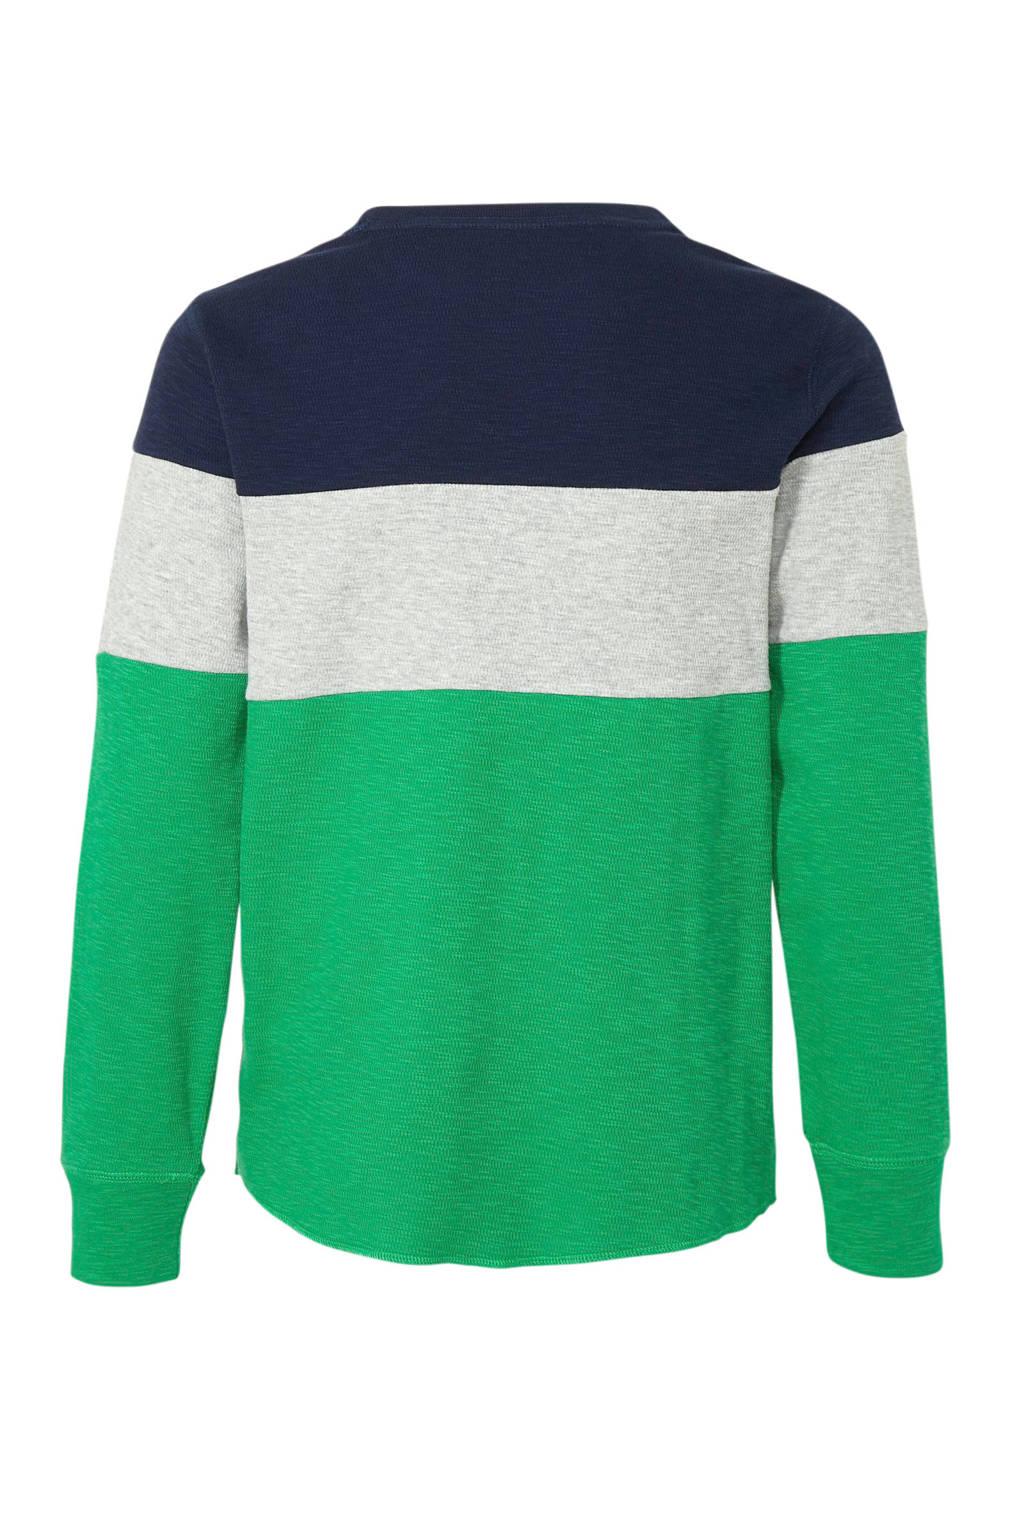 GAP gebreide longsleeve groen/grijs/donkerblauw, Groen/grijs/donkerblauw